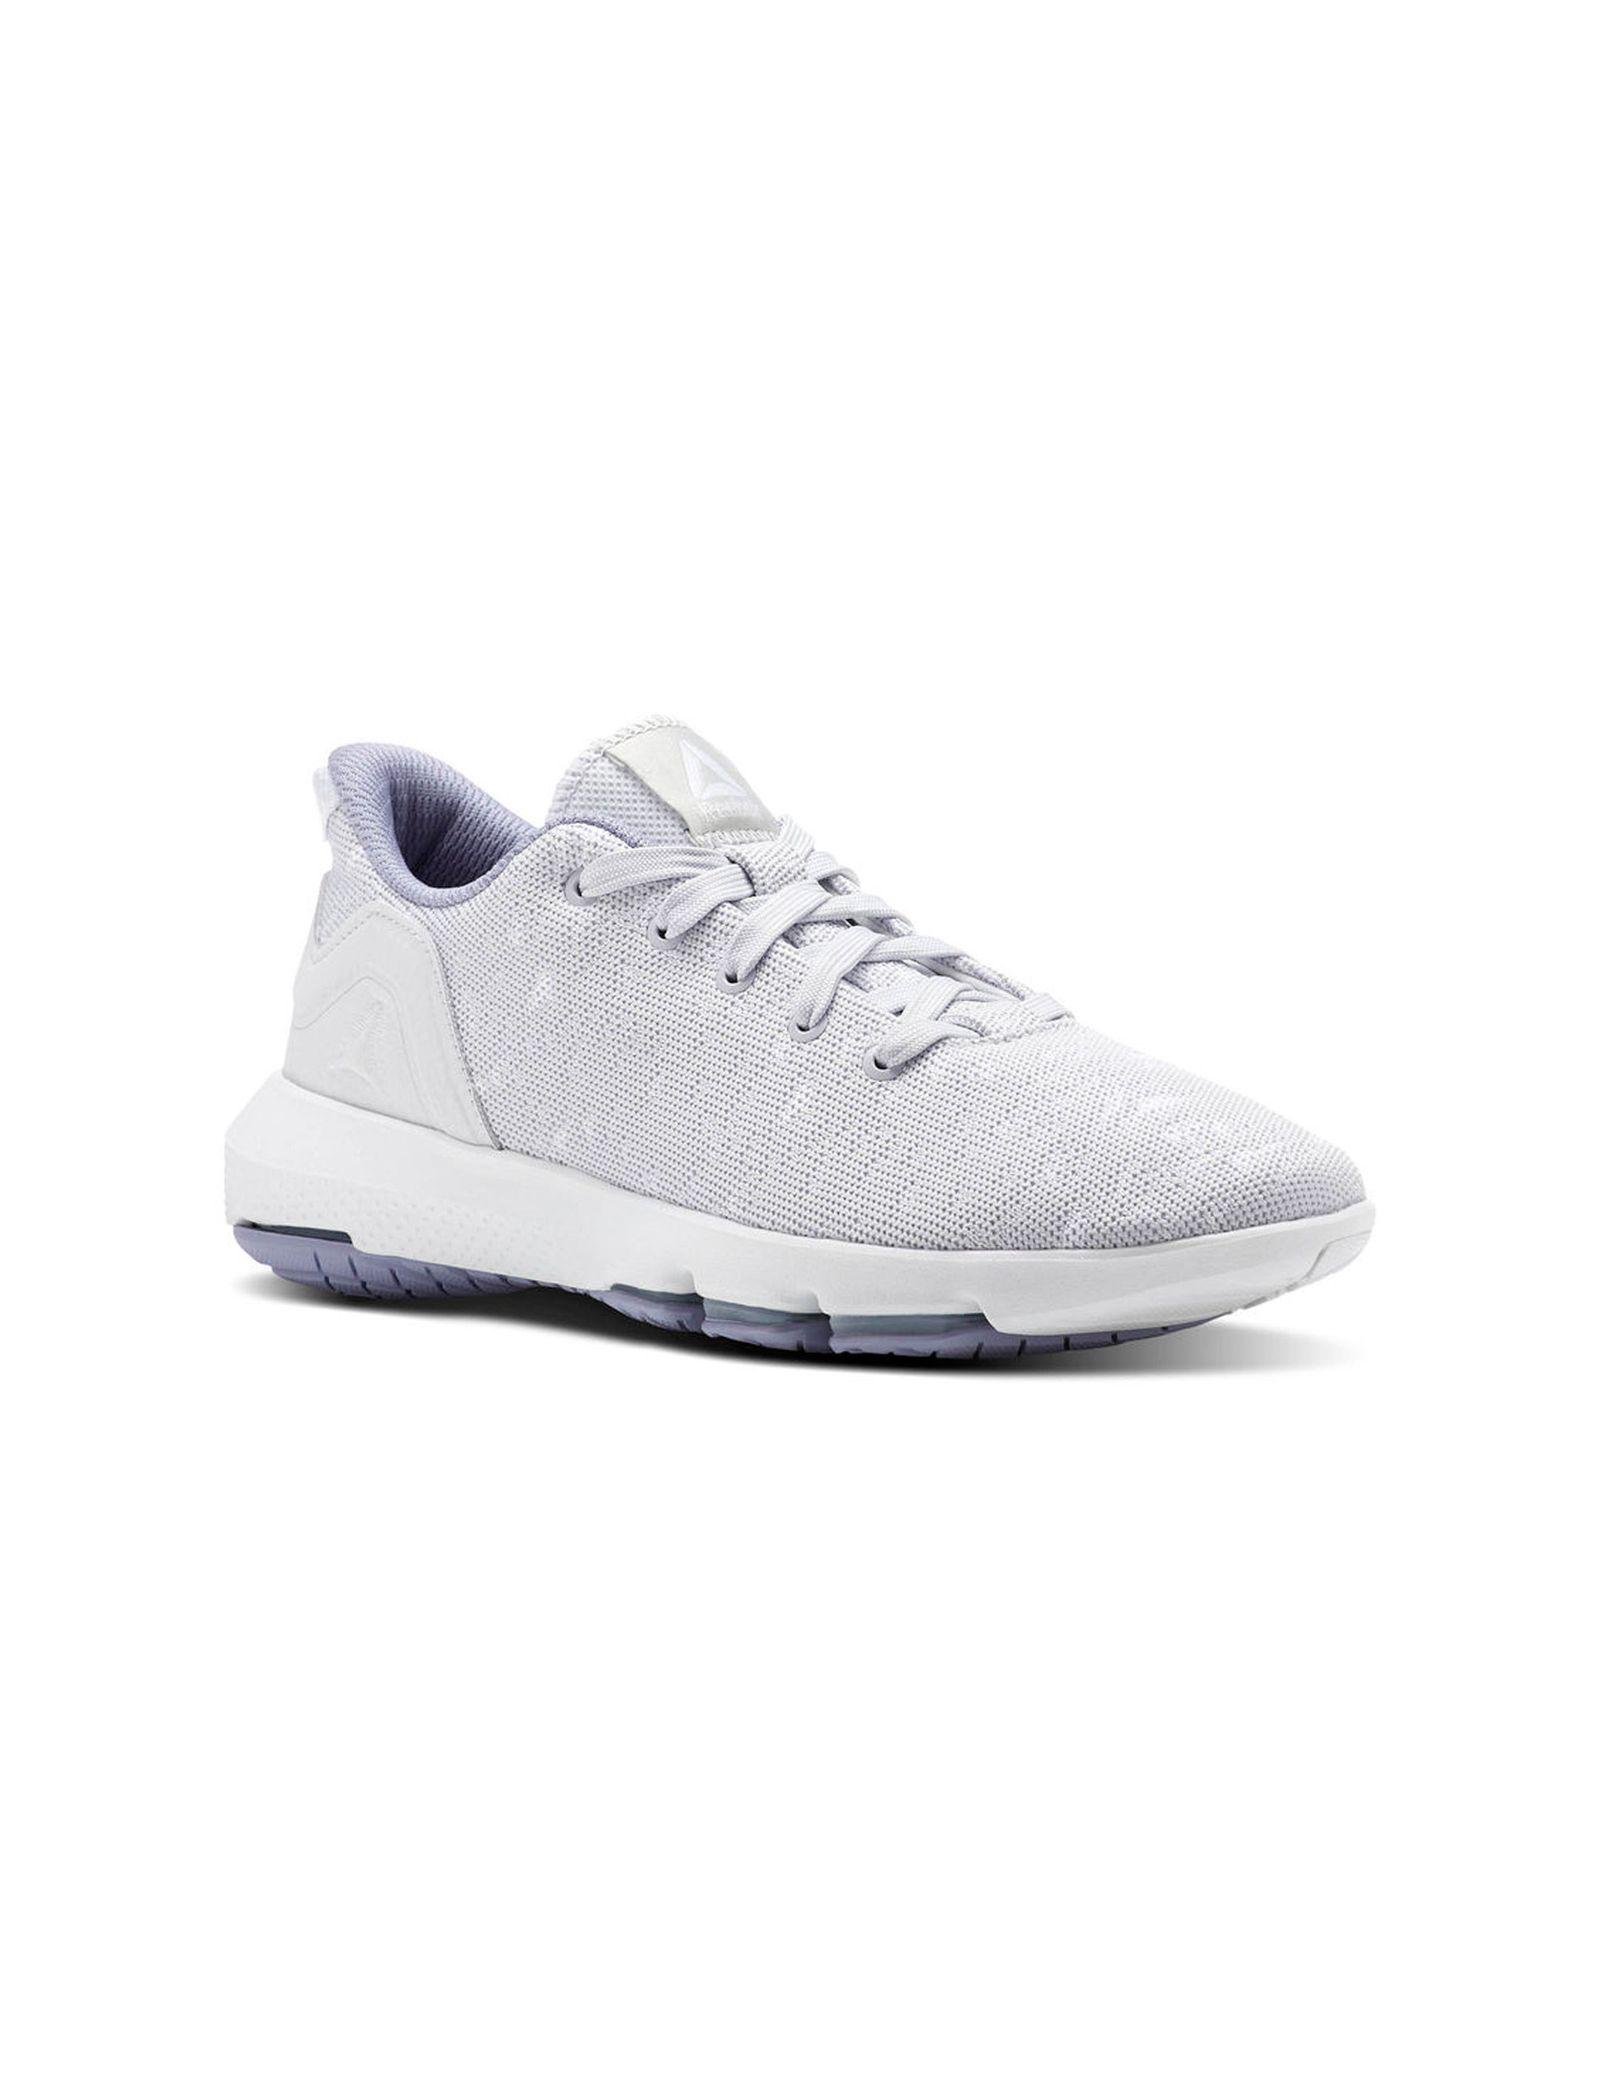 کفش پیاده روی بندی زنانه - ریباک - سفيد - 4